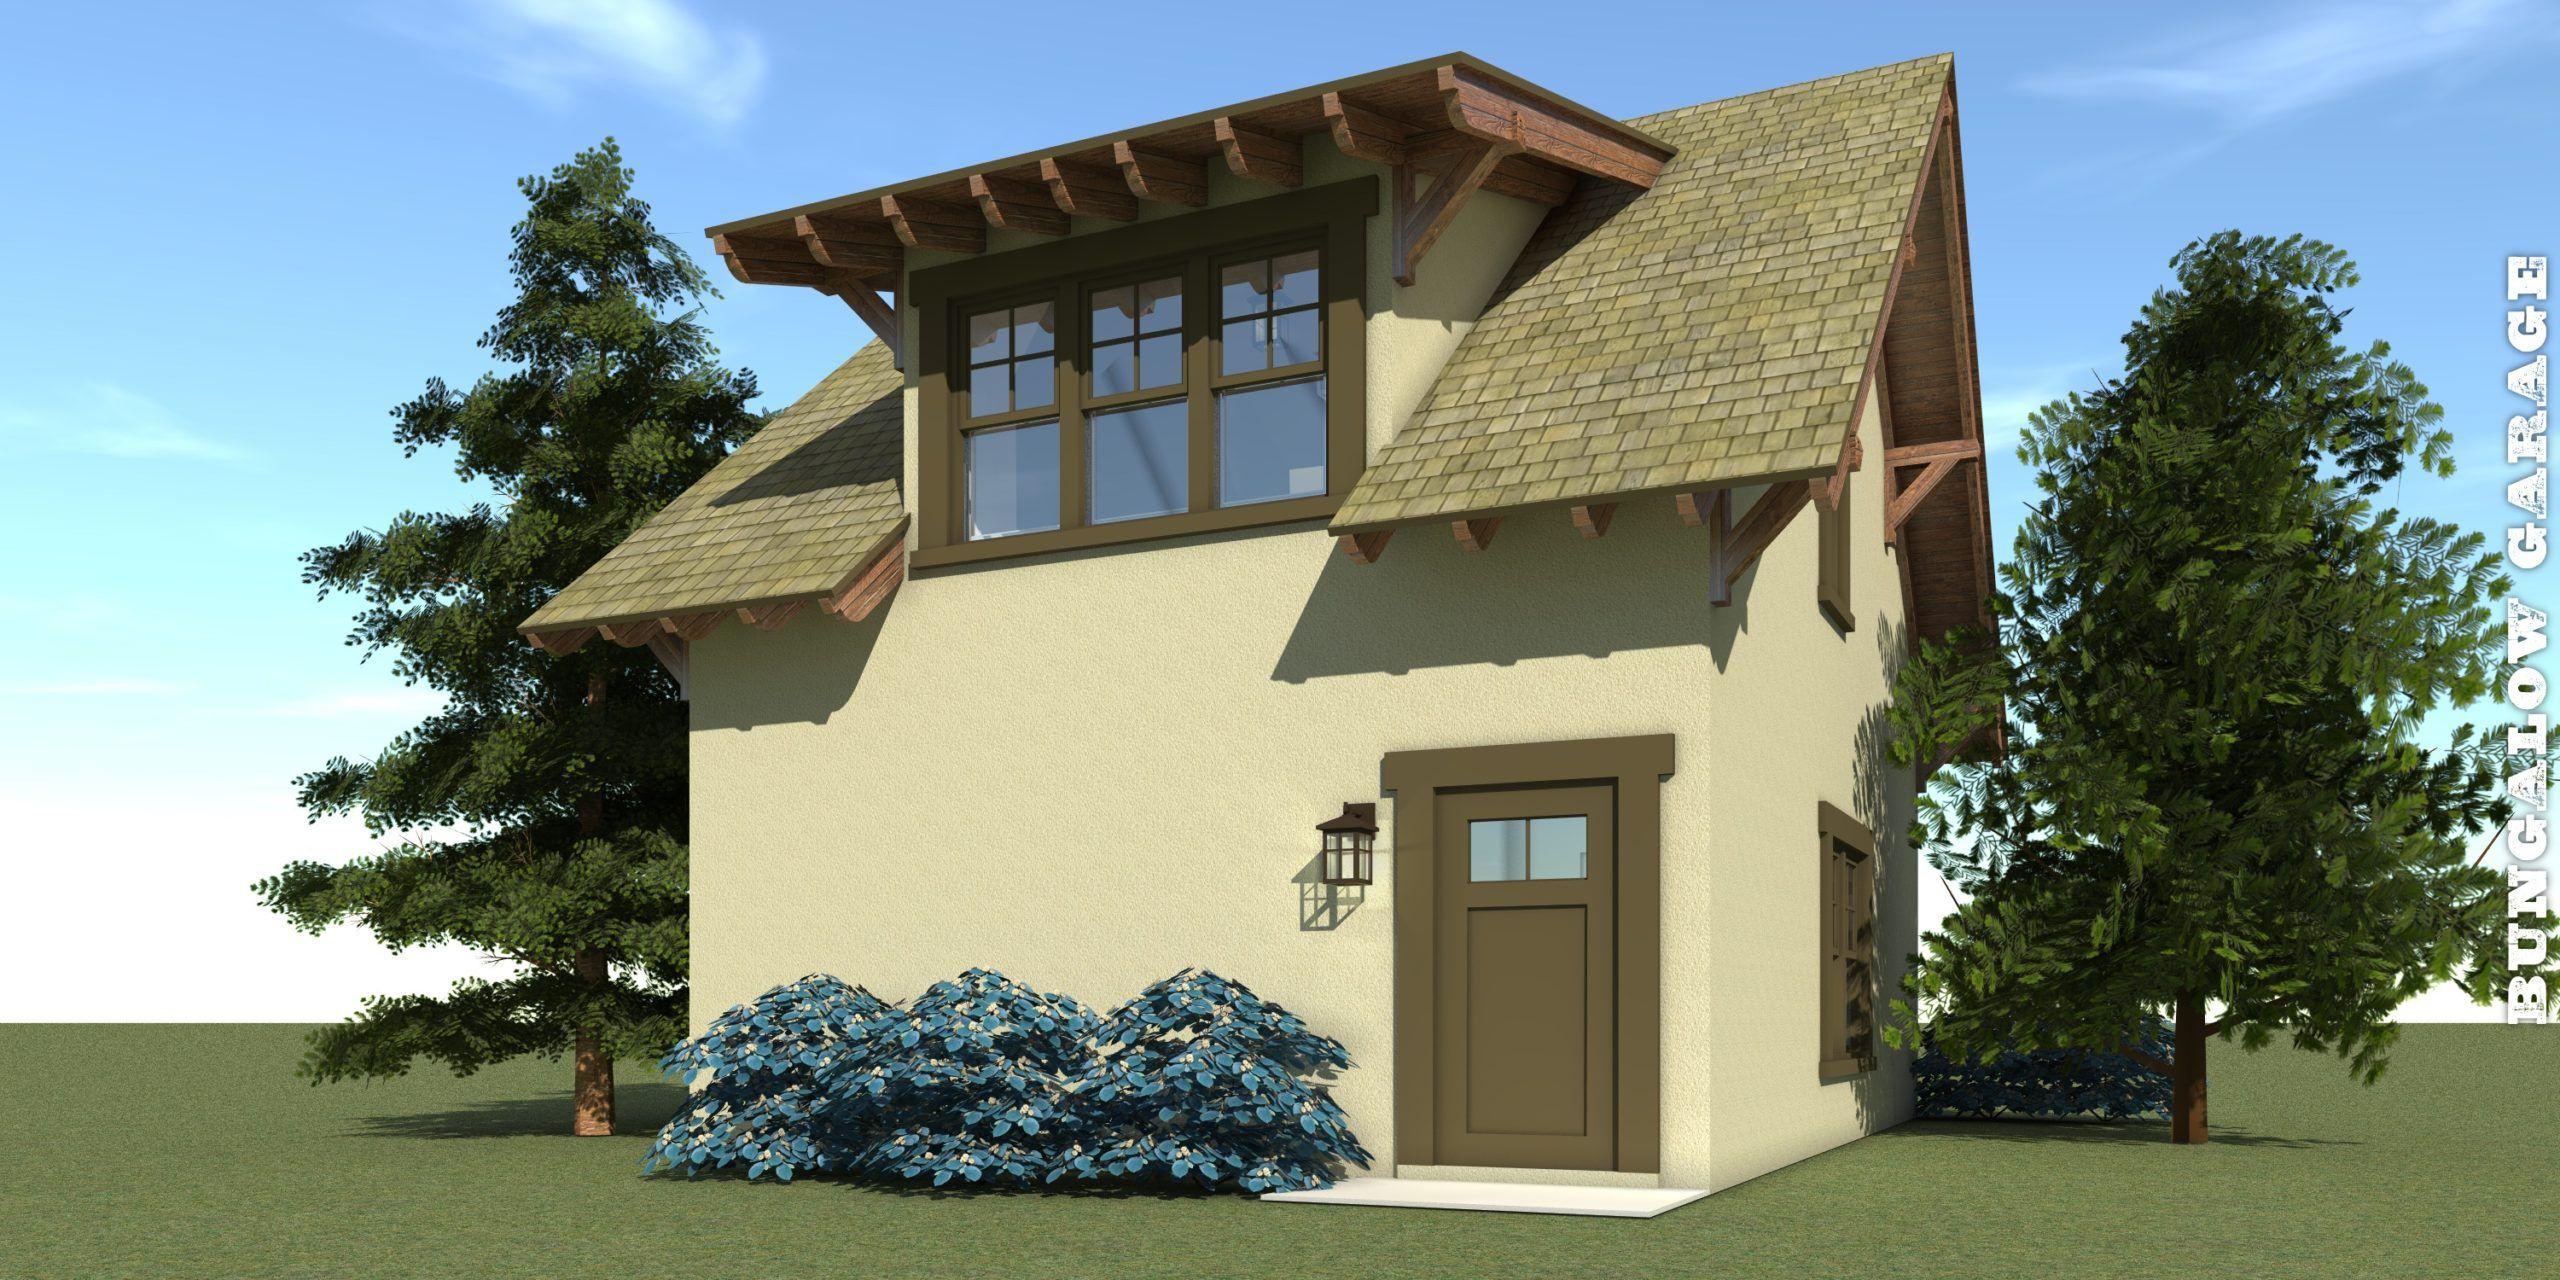 Craftsman Garage Apartment 2 Car Garage Tyree House Plans Craftsman House Plans House Plans Craftsman House